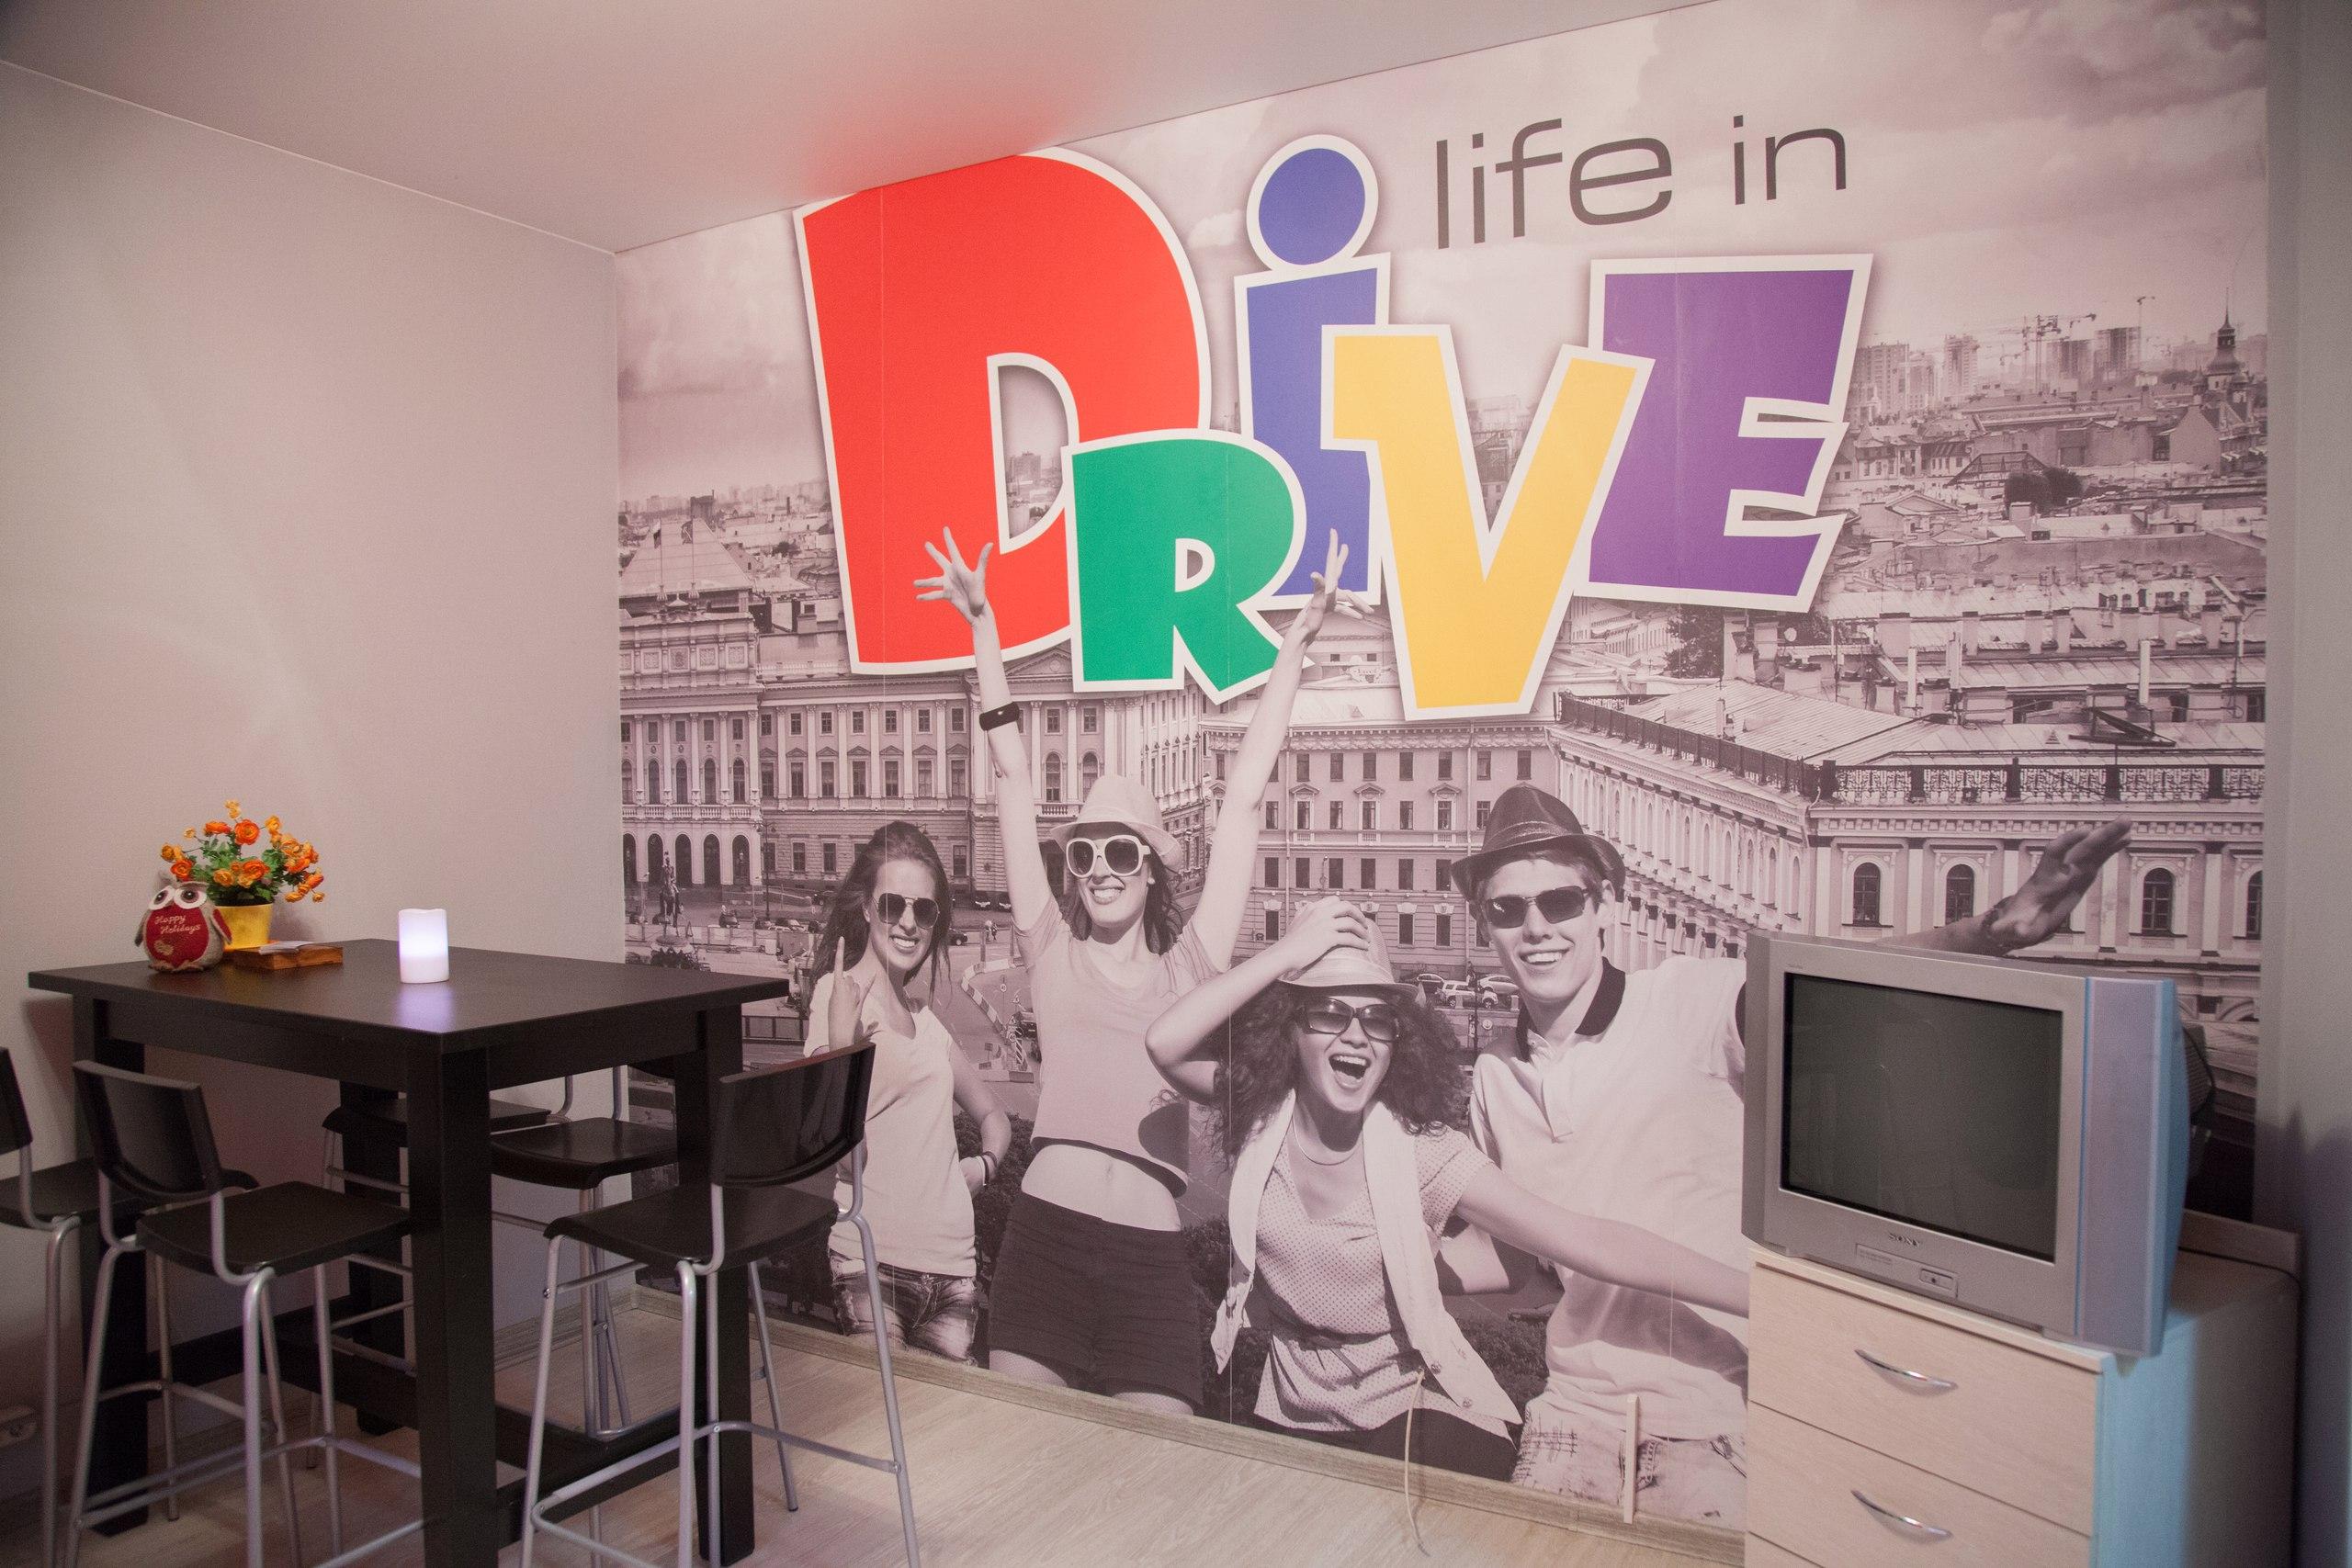 Дешевый хостел Drive в Питере по отличным ценам